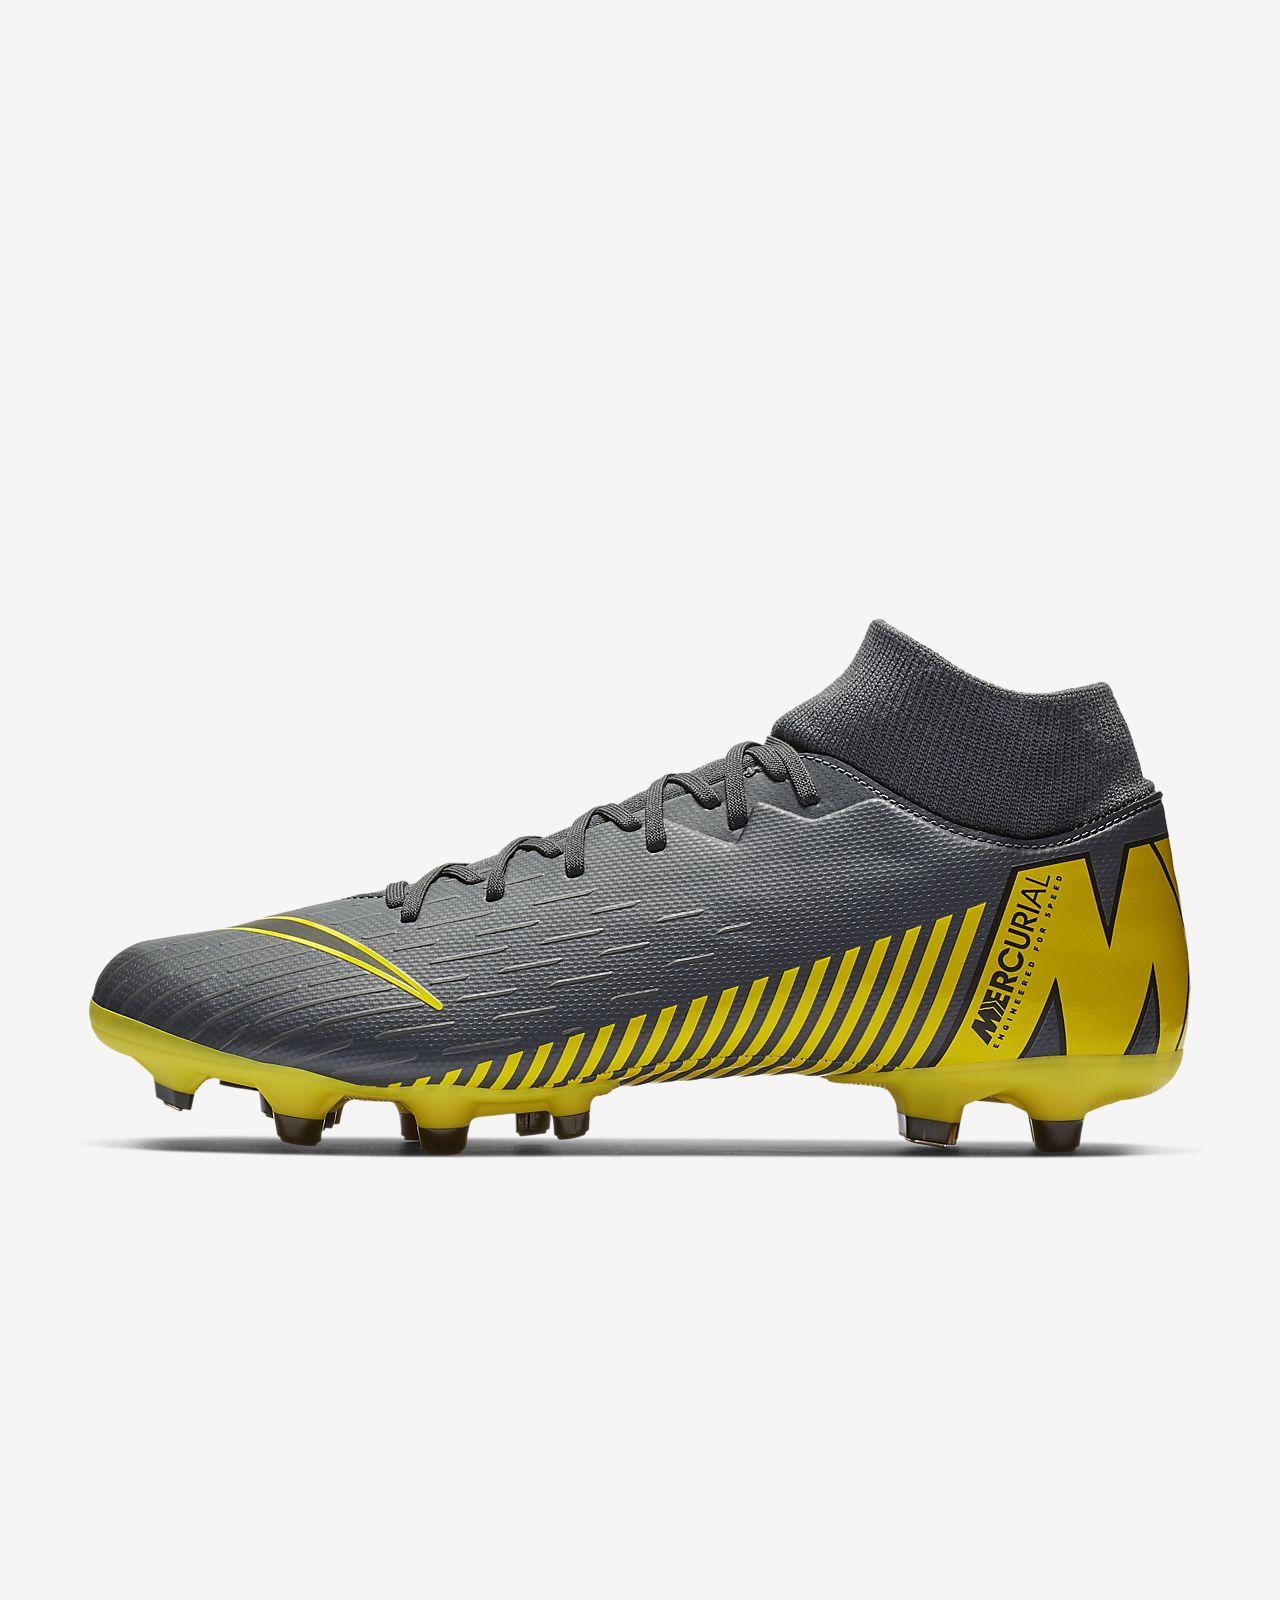 Nike Mercurial Superfly 6 Academy MG Voetbalschoen (meerdere ondergronden)